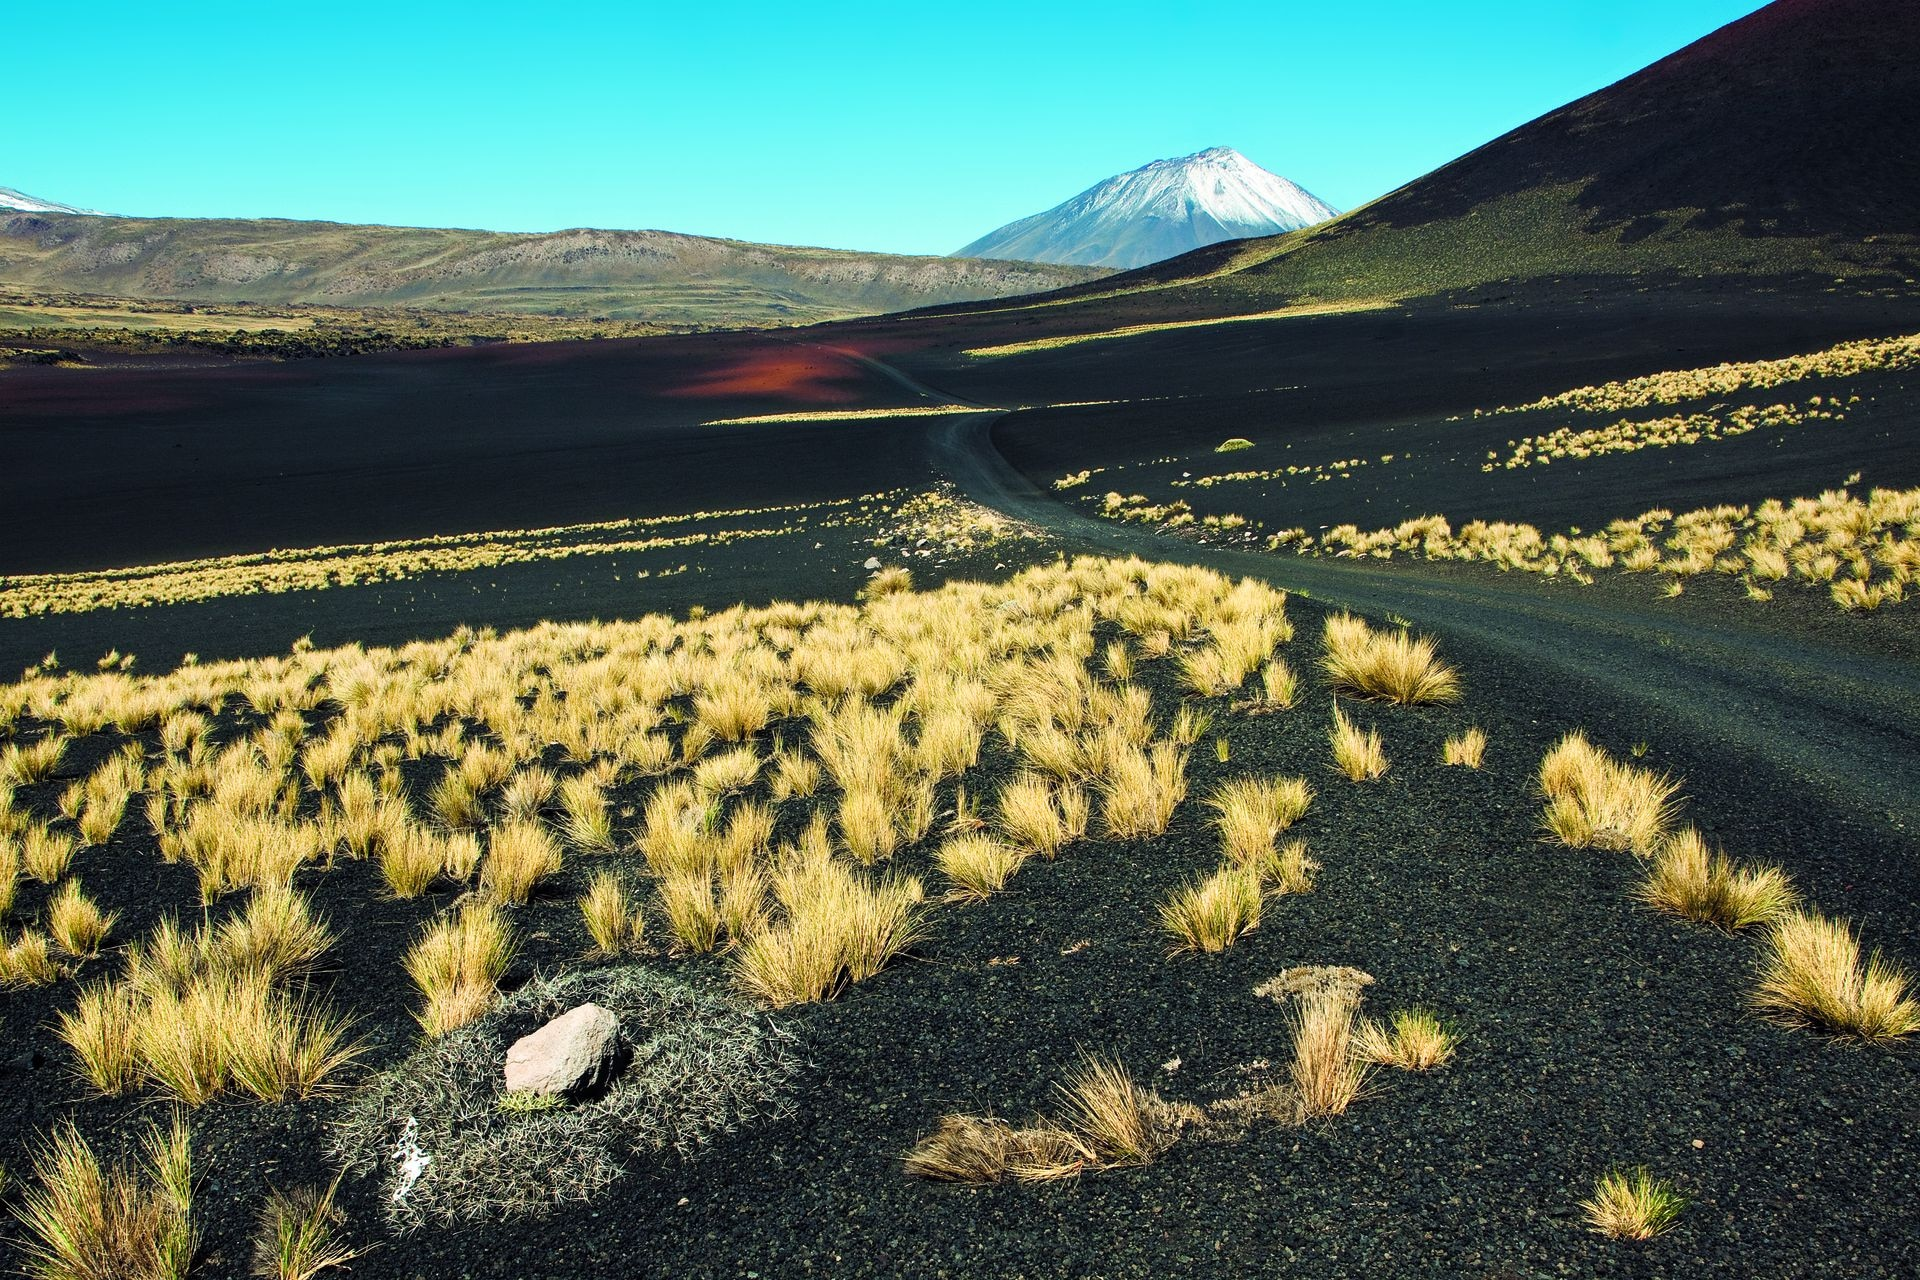 El volcán Payún Liso, uno de los 800 que gestaron esta reserva de lava y pampas negras en el sur mendocino.